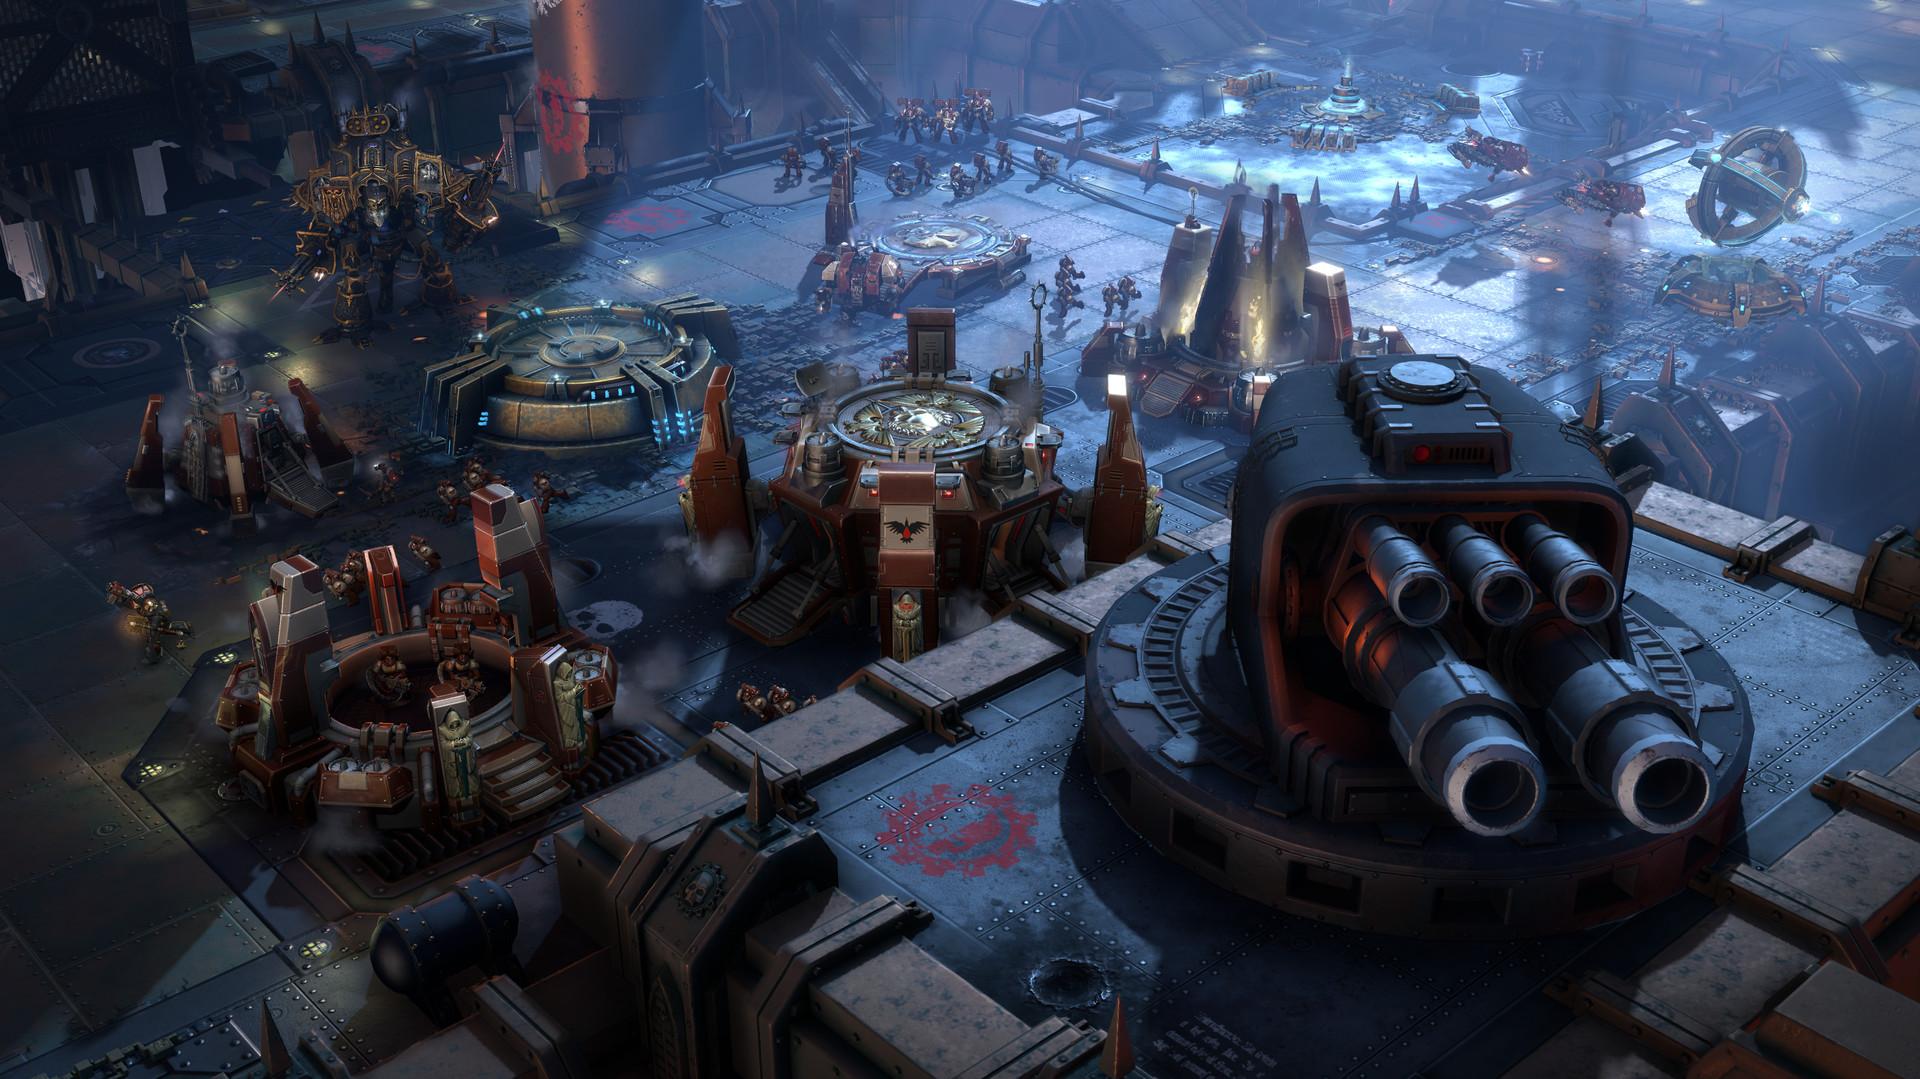 Warhammer dawn of war download